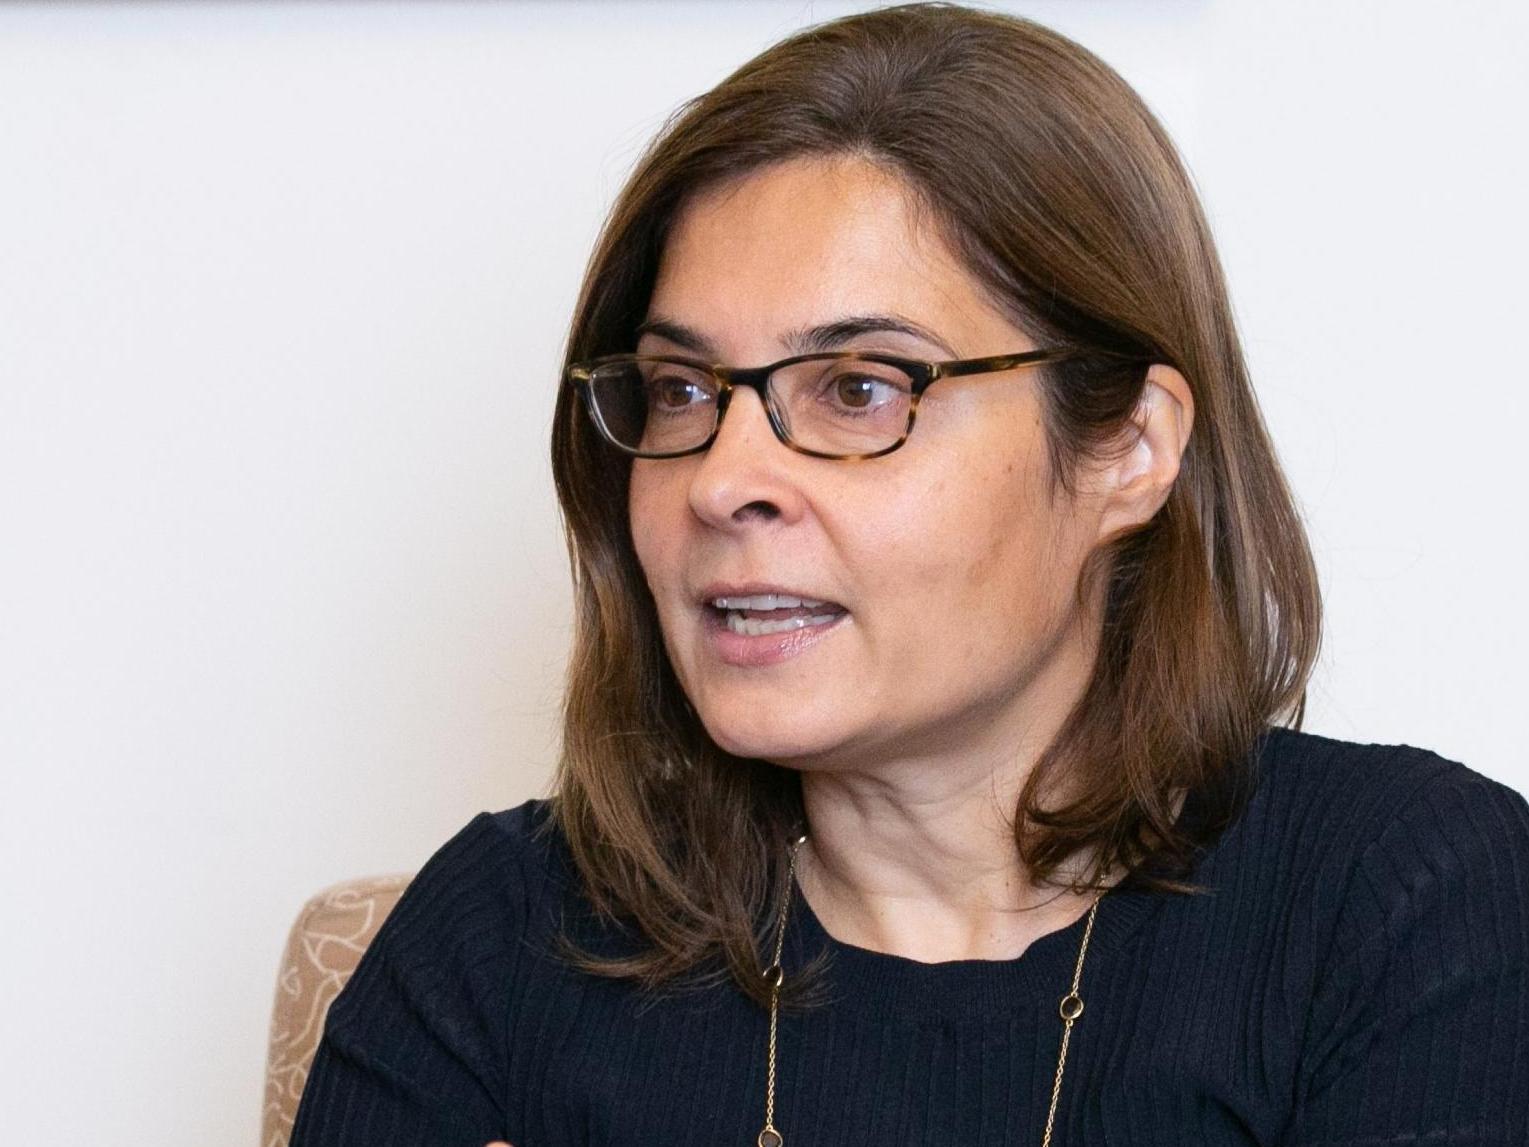 La Professeure Antoinette Schoar obtient un doctorat honoris causa de l'Université de Lausanne